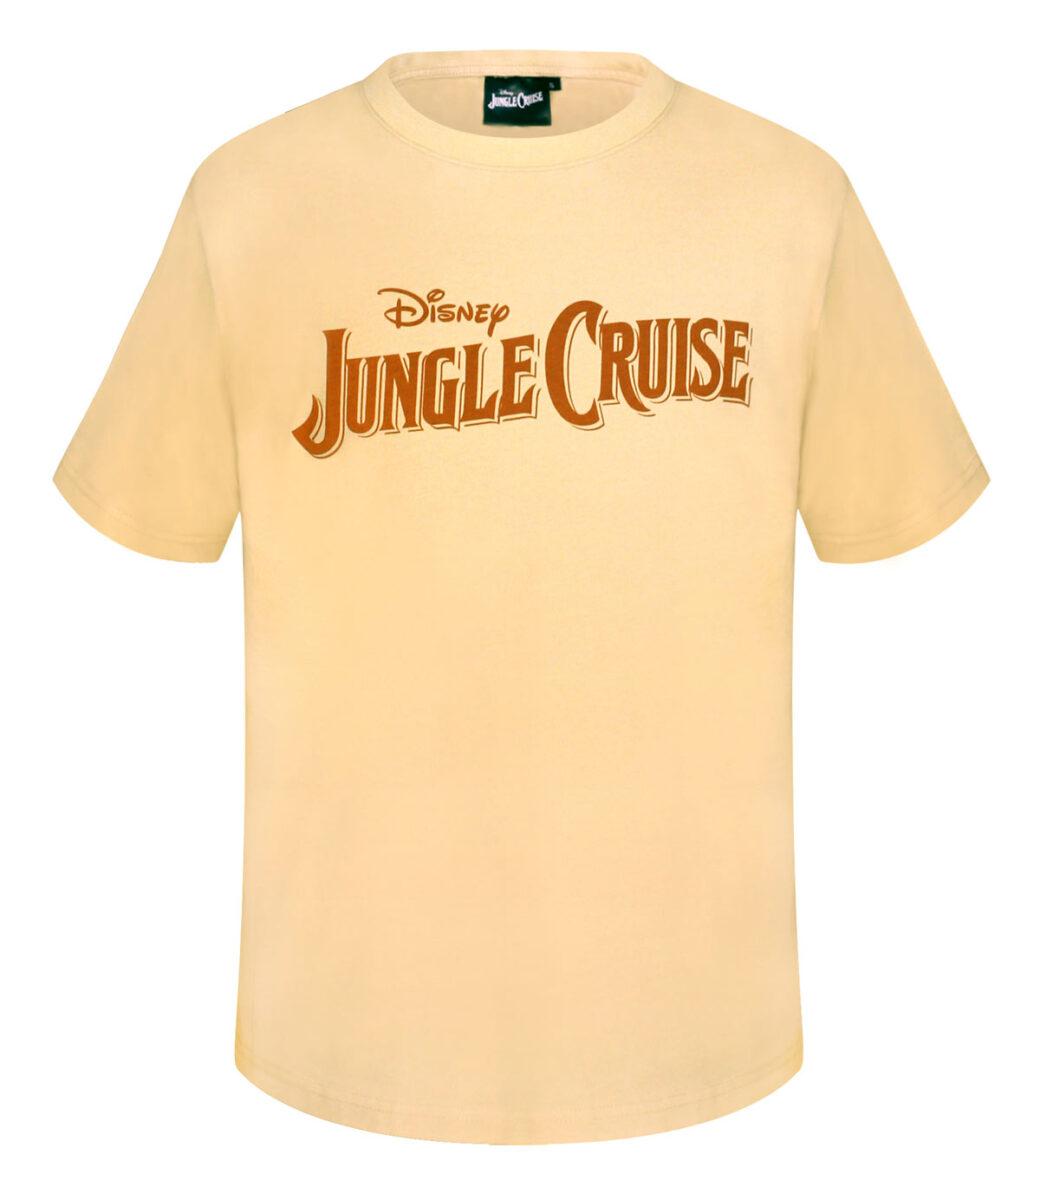 ジャングル・クルーズ オリジナル大人用Tシャツ M